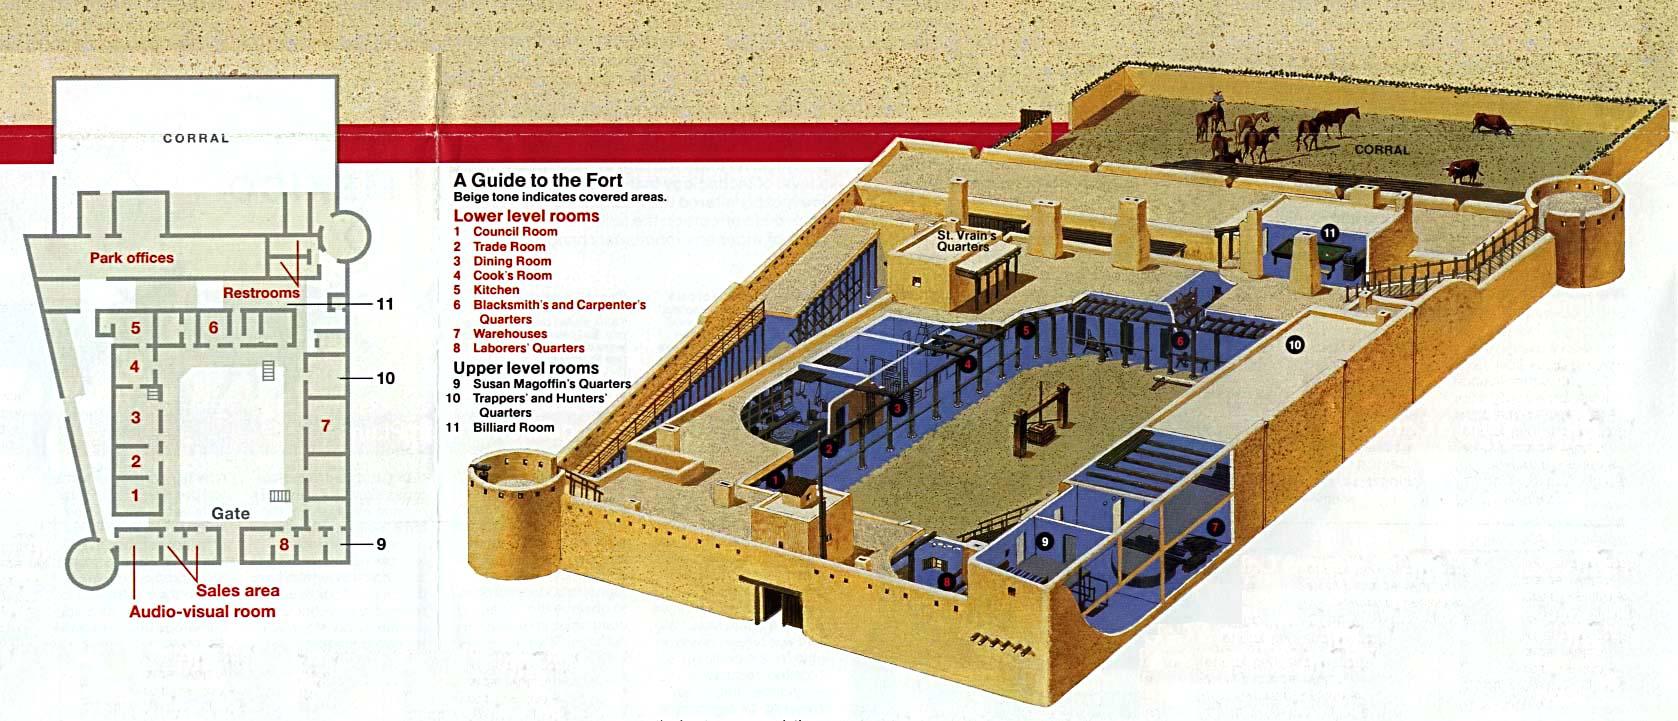 Plano Esquema Sitio Histórico Nacional Bent's Old Fort, Colorado, Estados Unidos